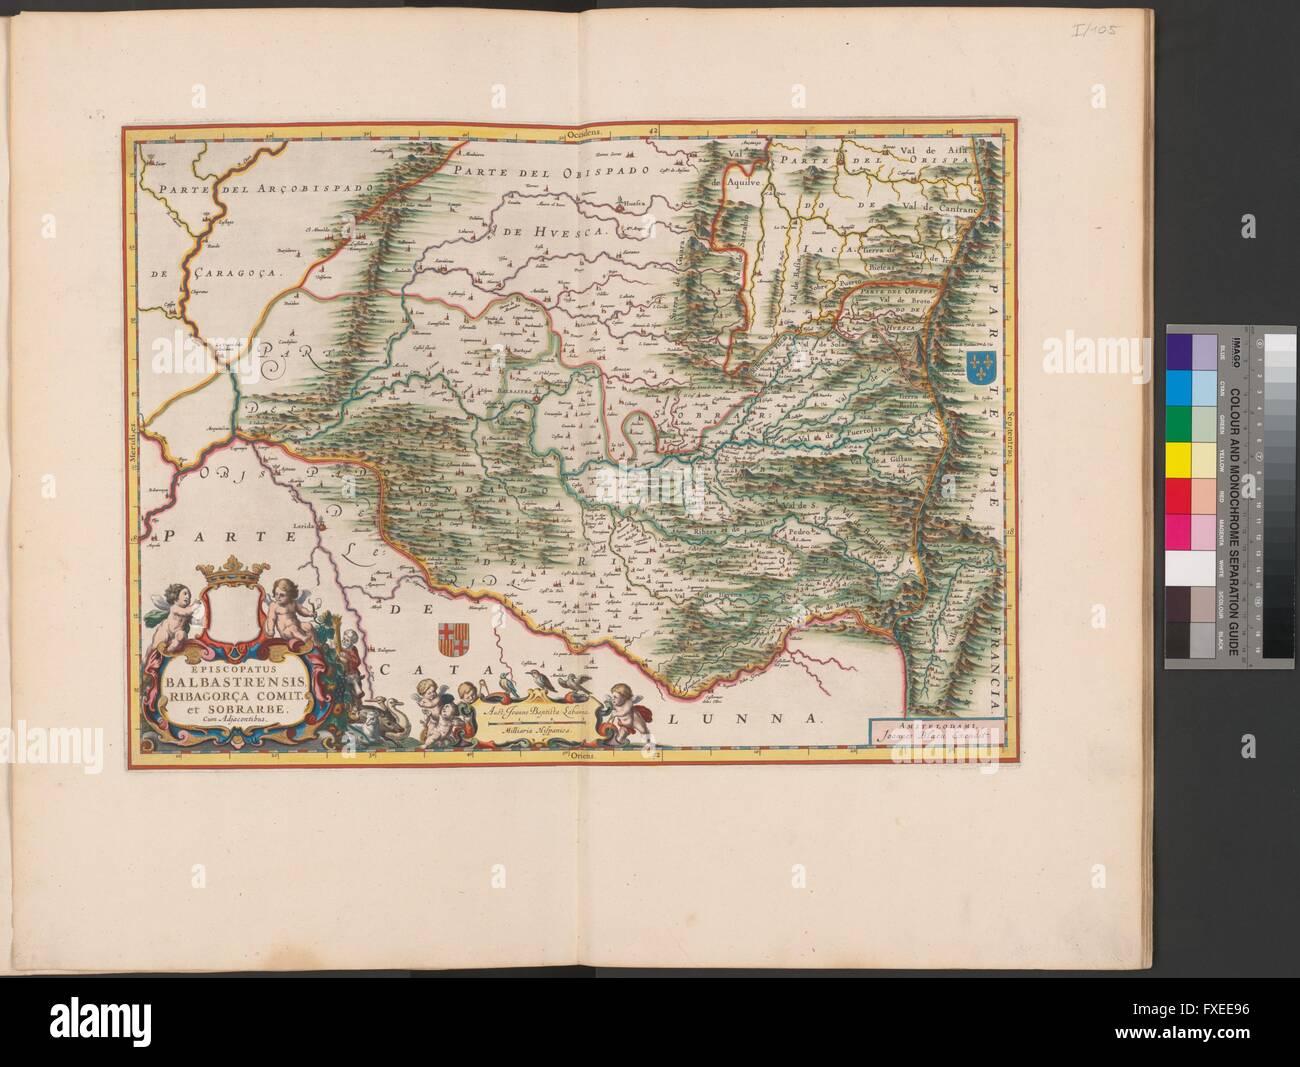 Landkarte der Diözese Barbastro und der Region Ribagorza - Stock Image